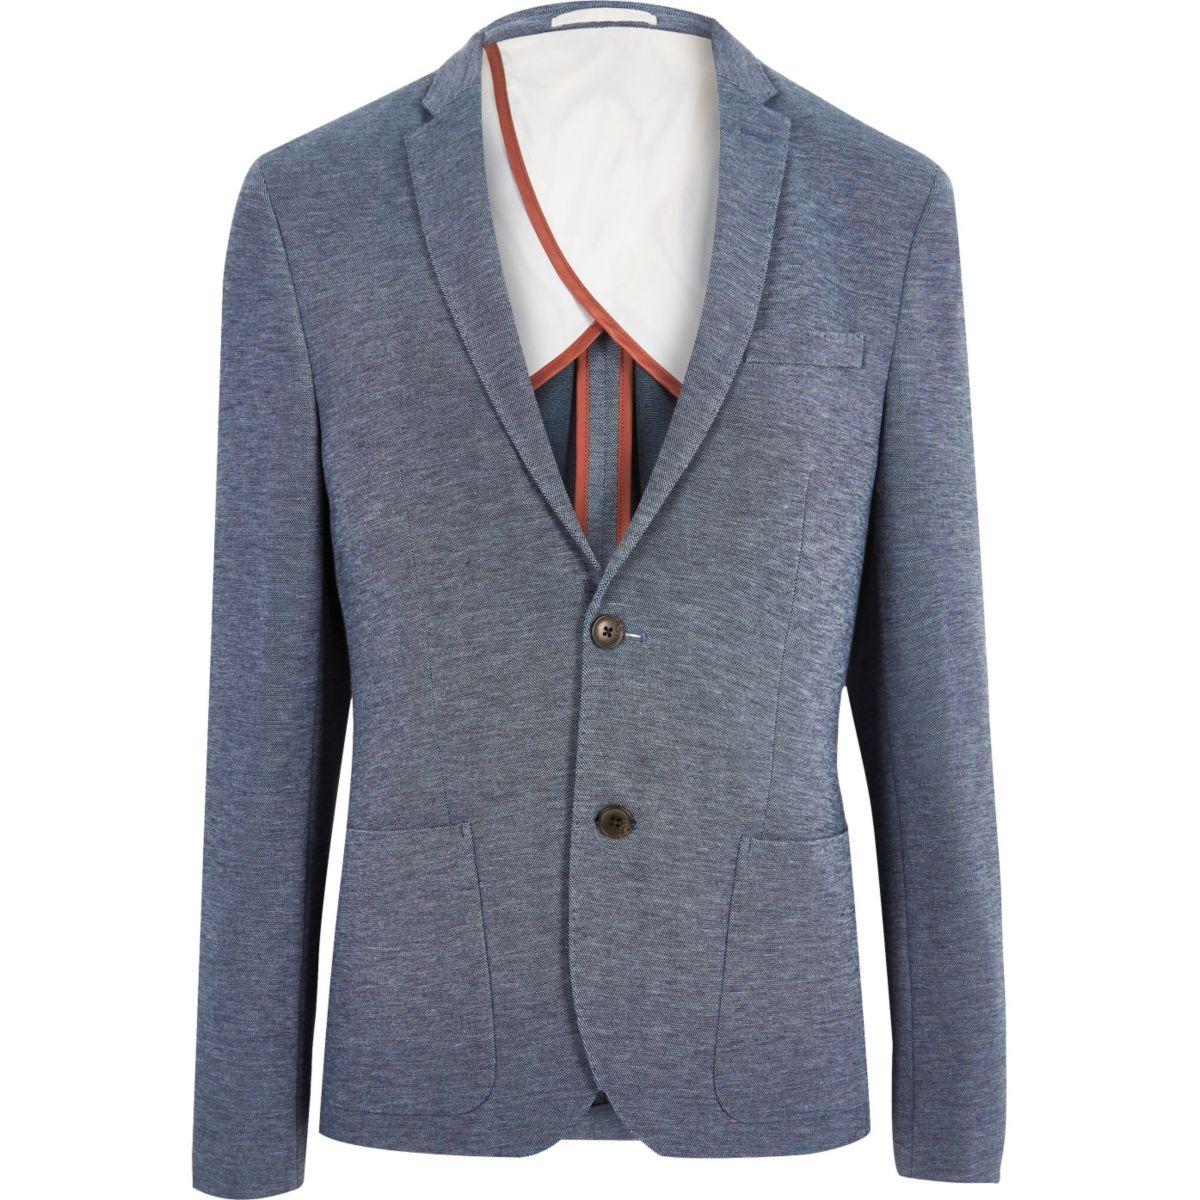 Navy ponte skinny blazer